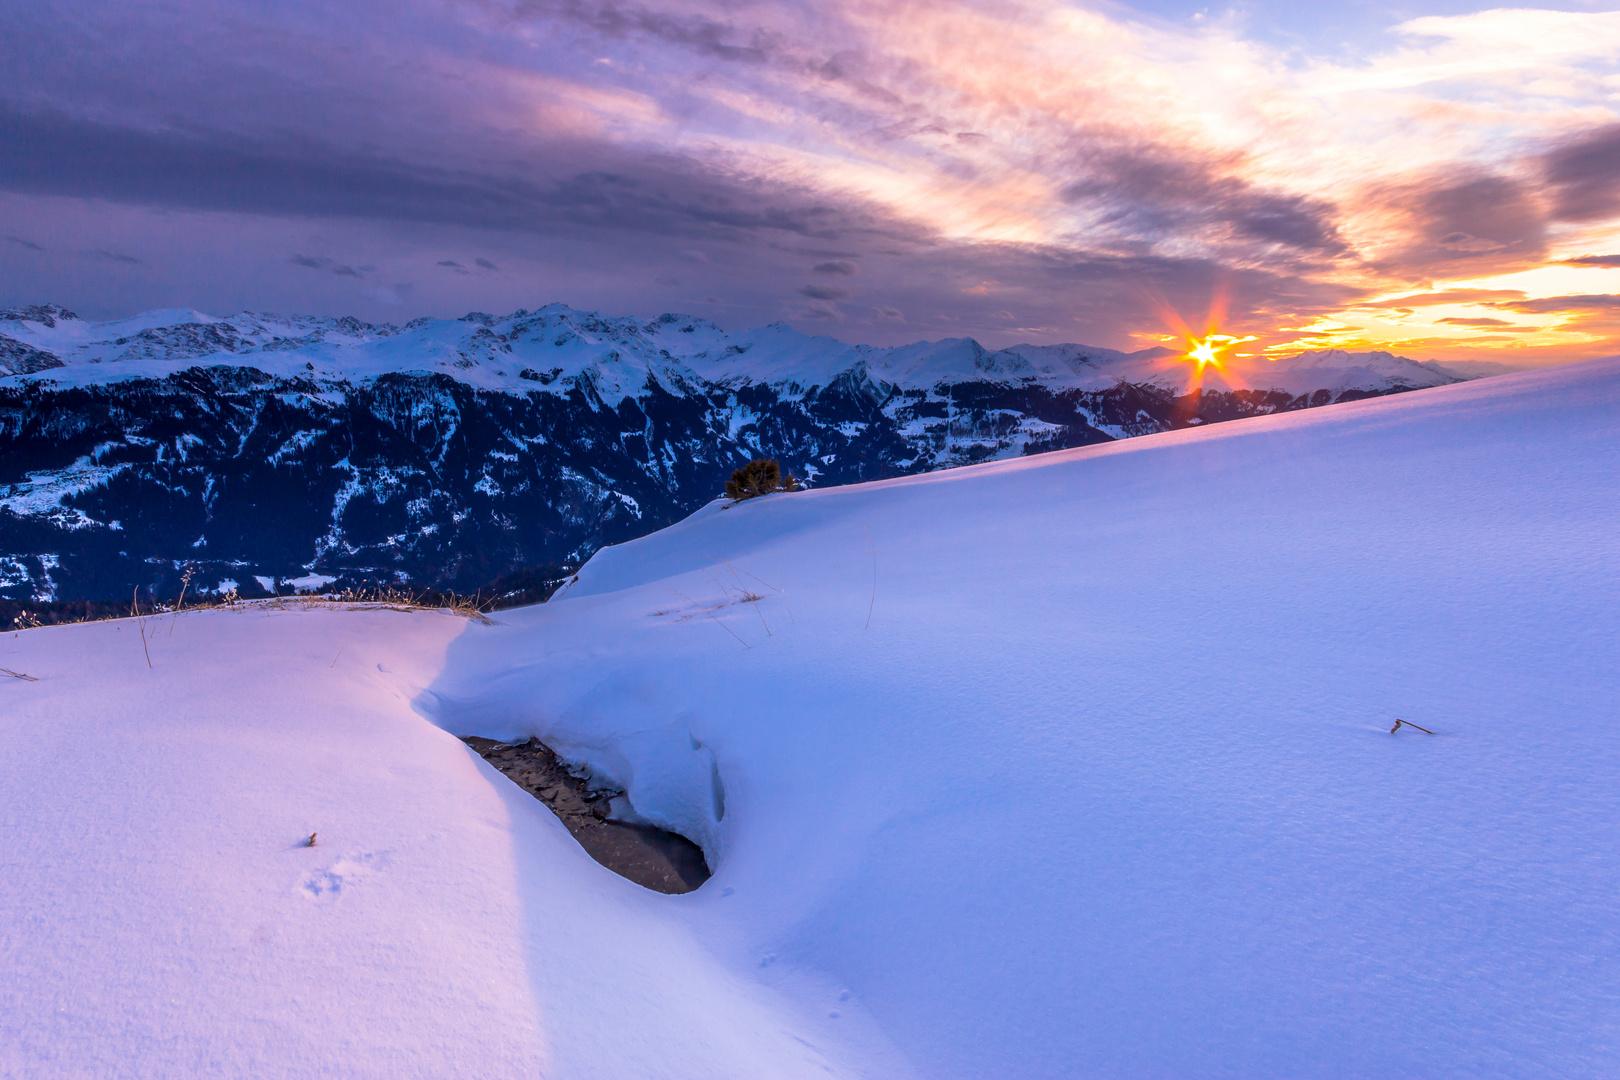 Sonnenuntergang am Schneehang